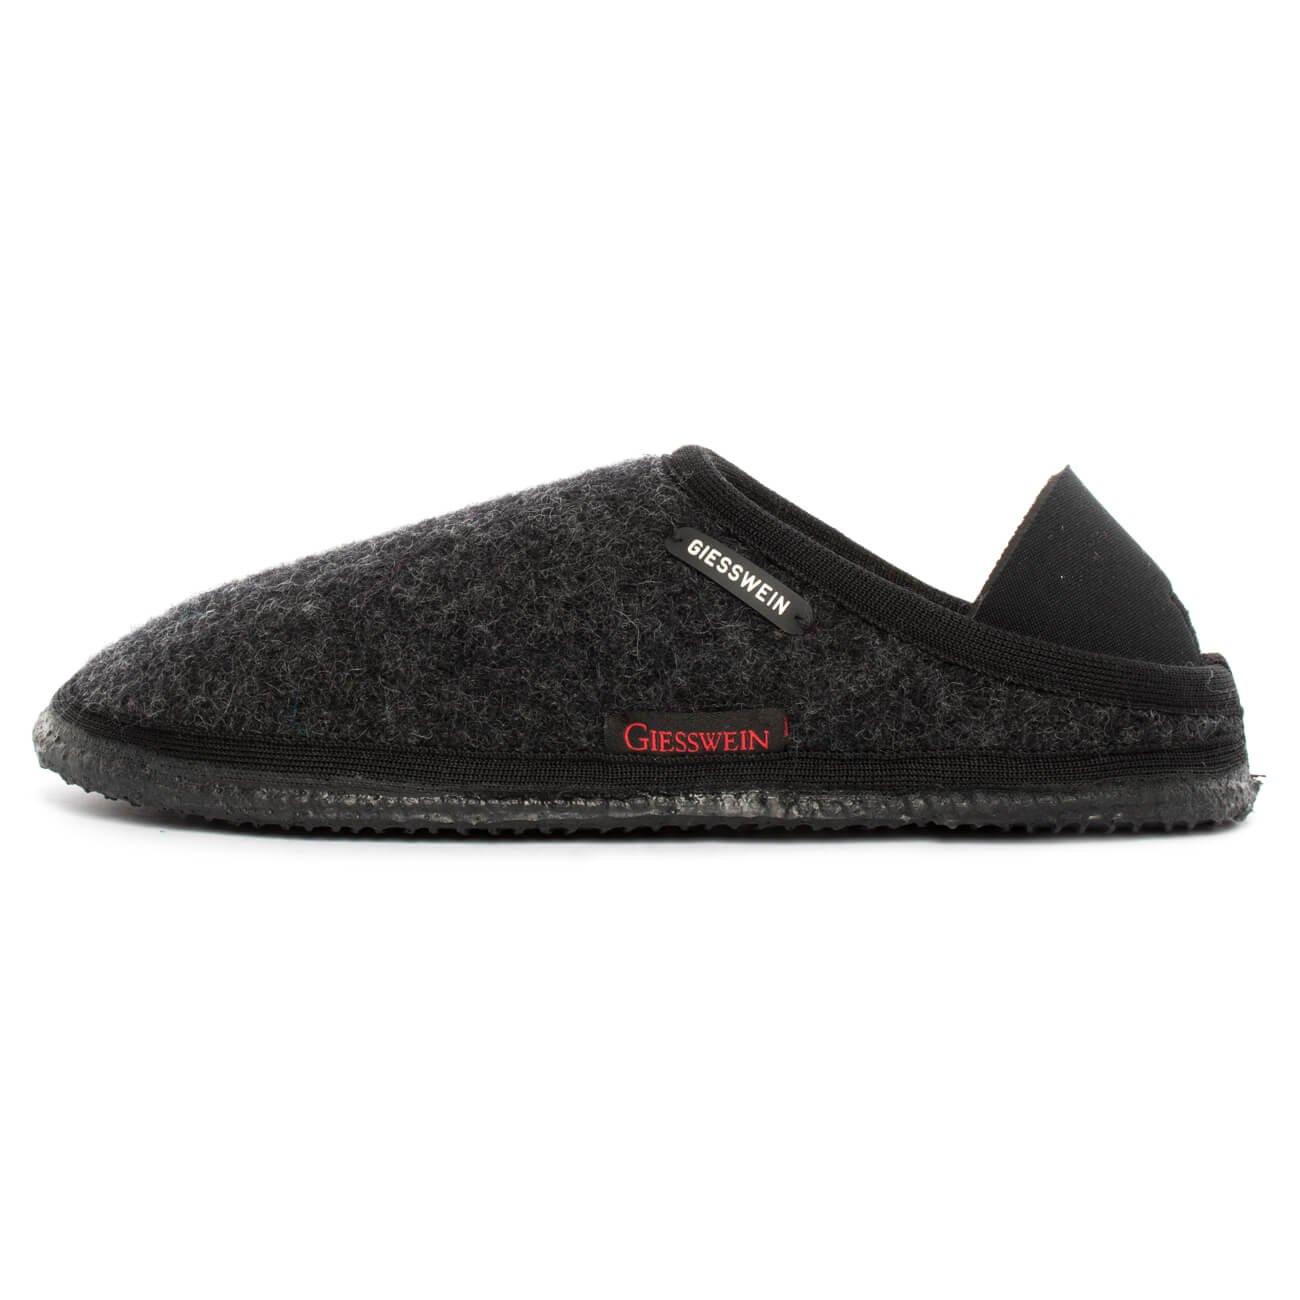 Giesswein 68 10 49131, Pantofole Unisex Adulto Grigio (Anthrazit 019) | Nuovo Prodotto  | Uomo/Donne Scarpa